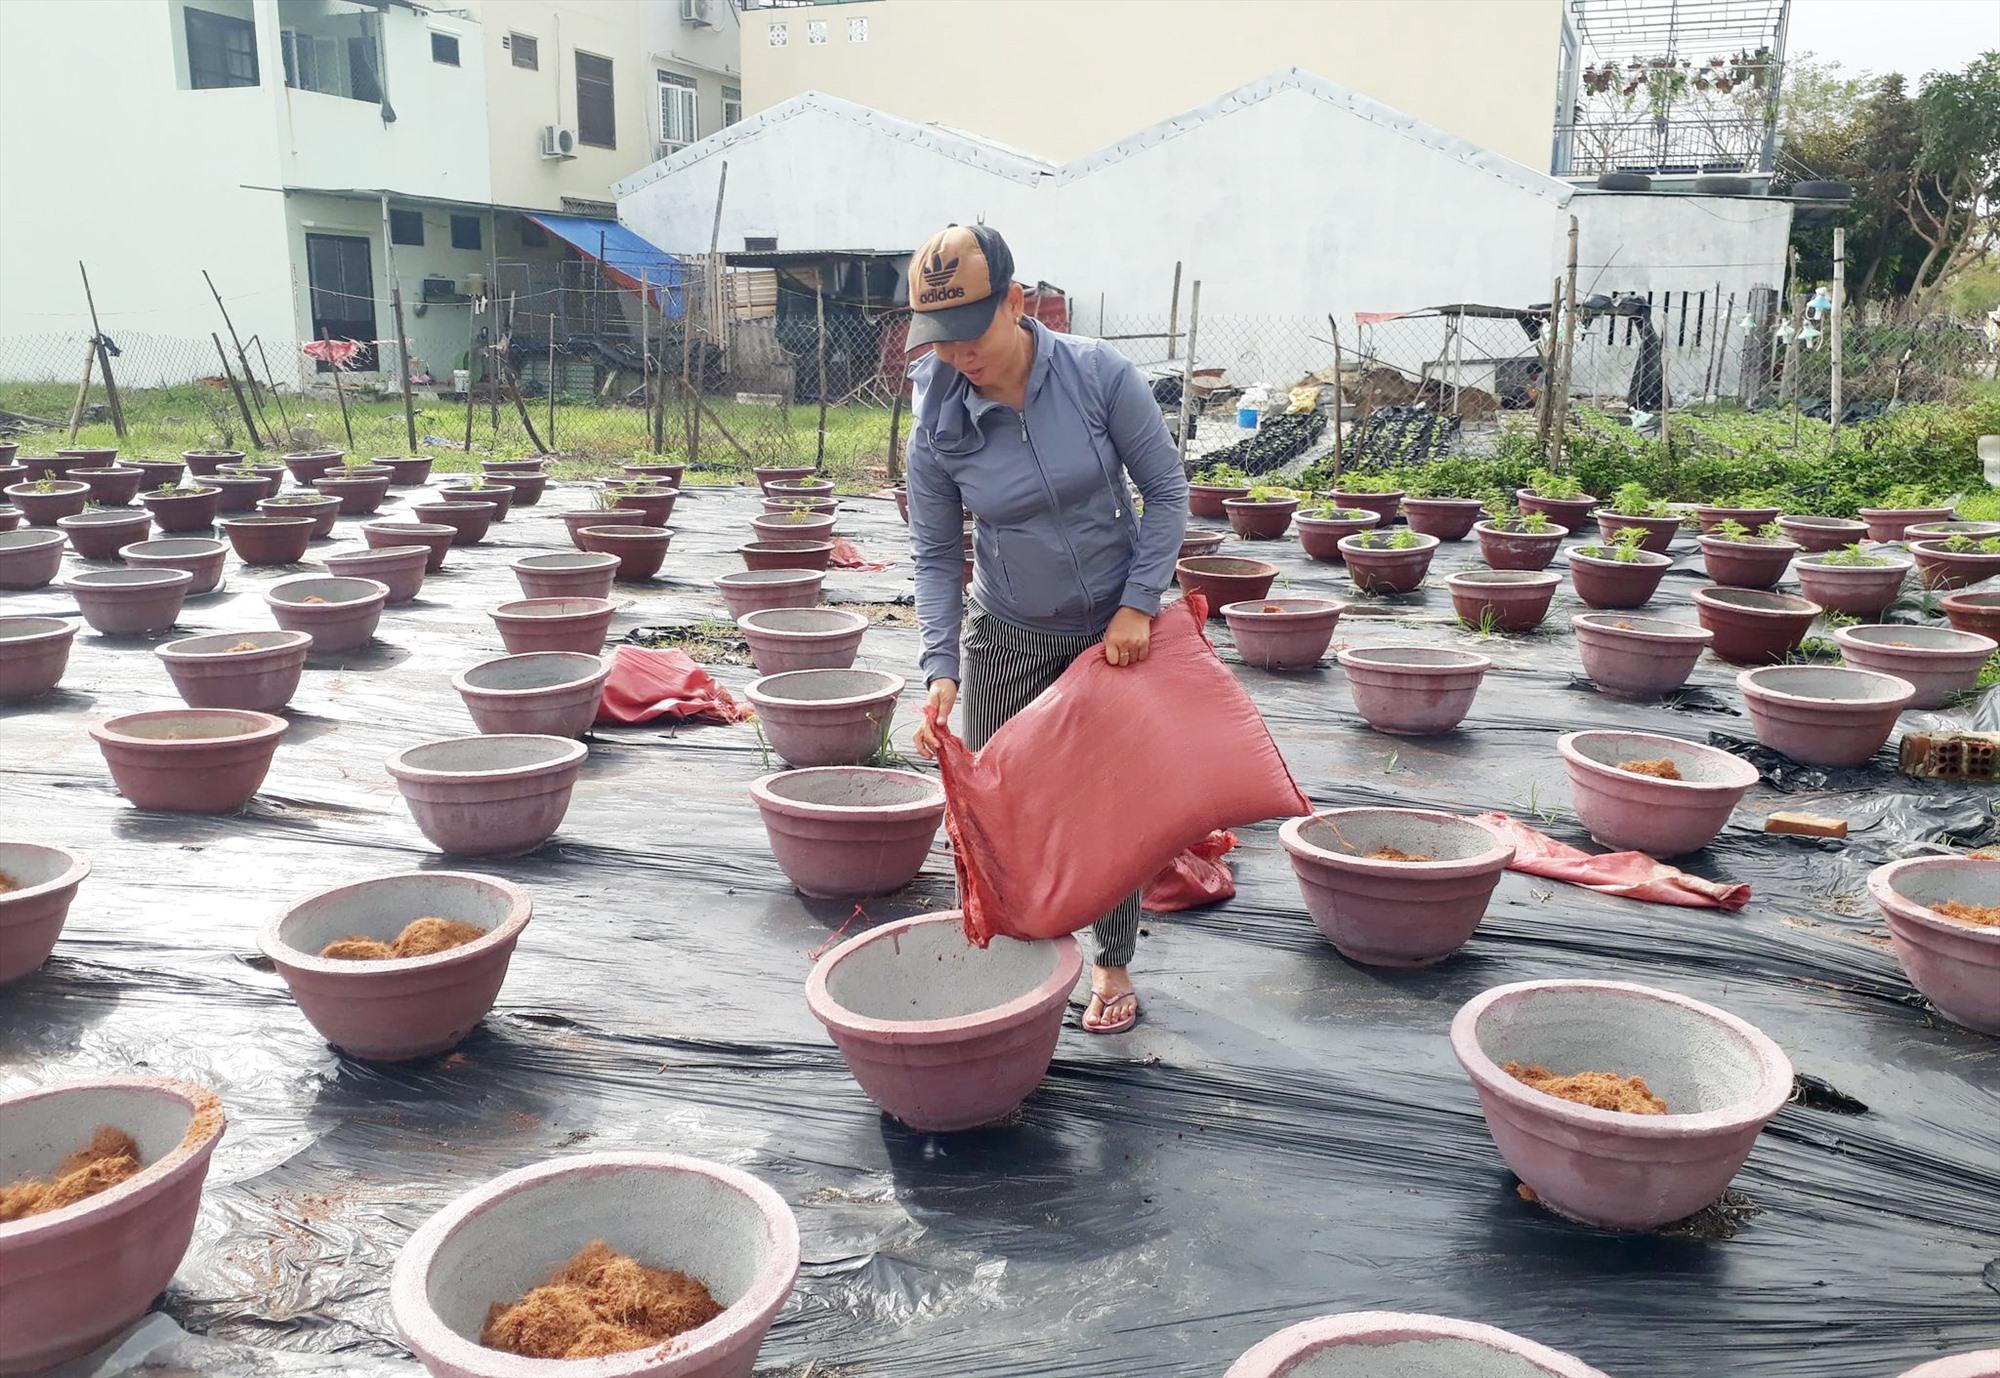 Bà Lê Thị Bé (KP. Sơn Phô 2) đang tranh thủ cho xơ dừa vào chậu để trồng hoa vạn thọ vụ mới kịp phục vụ tết.